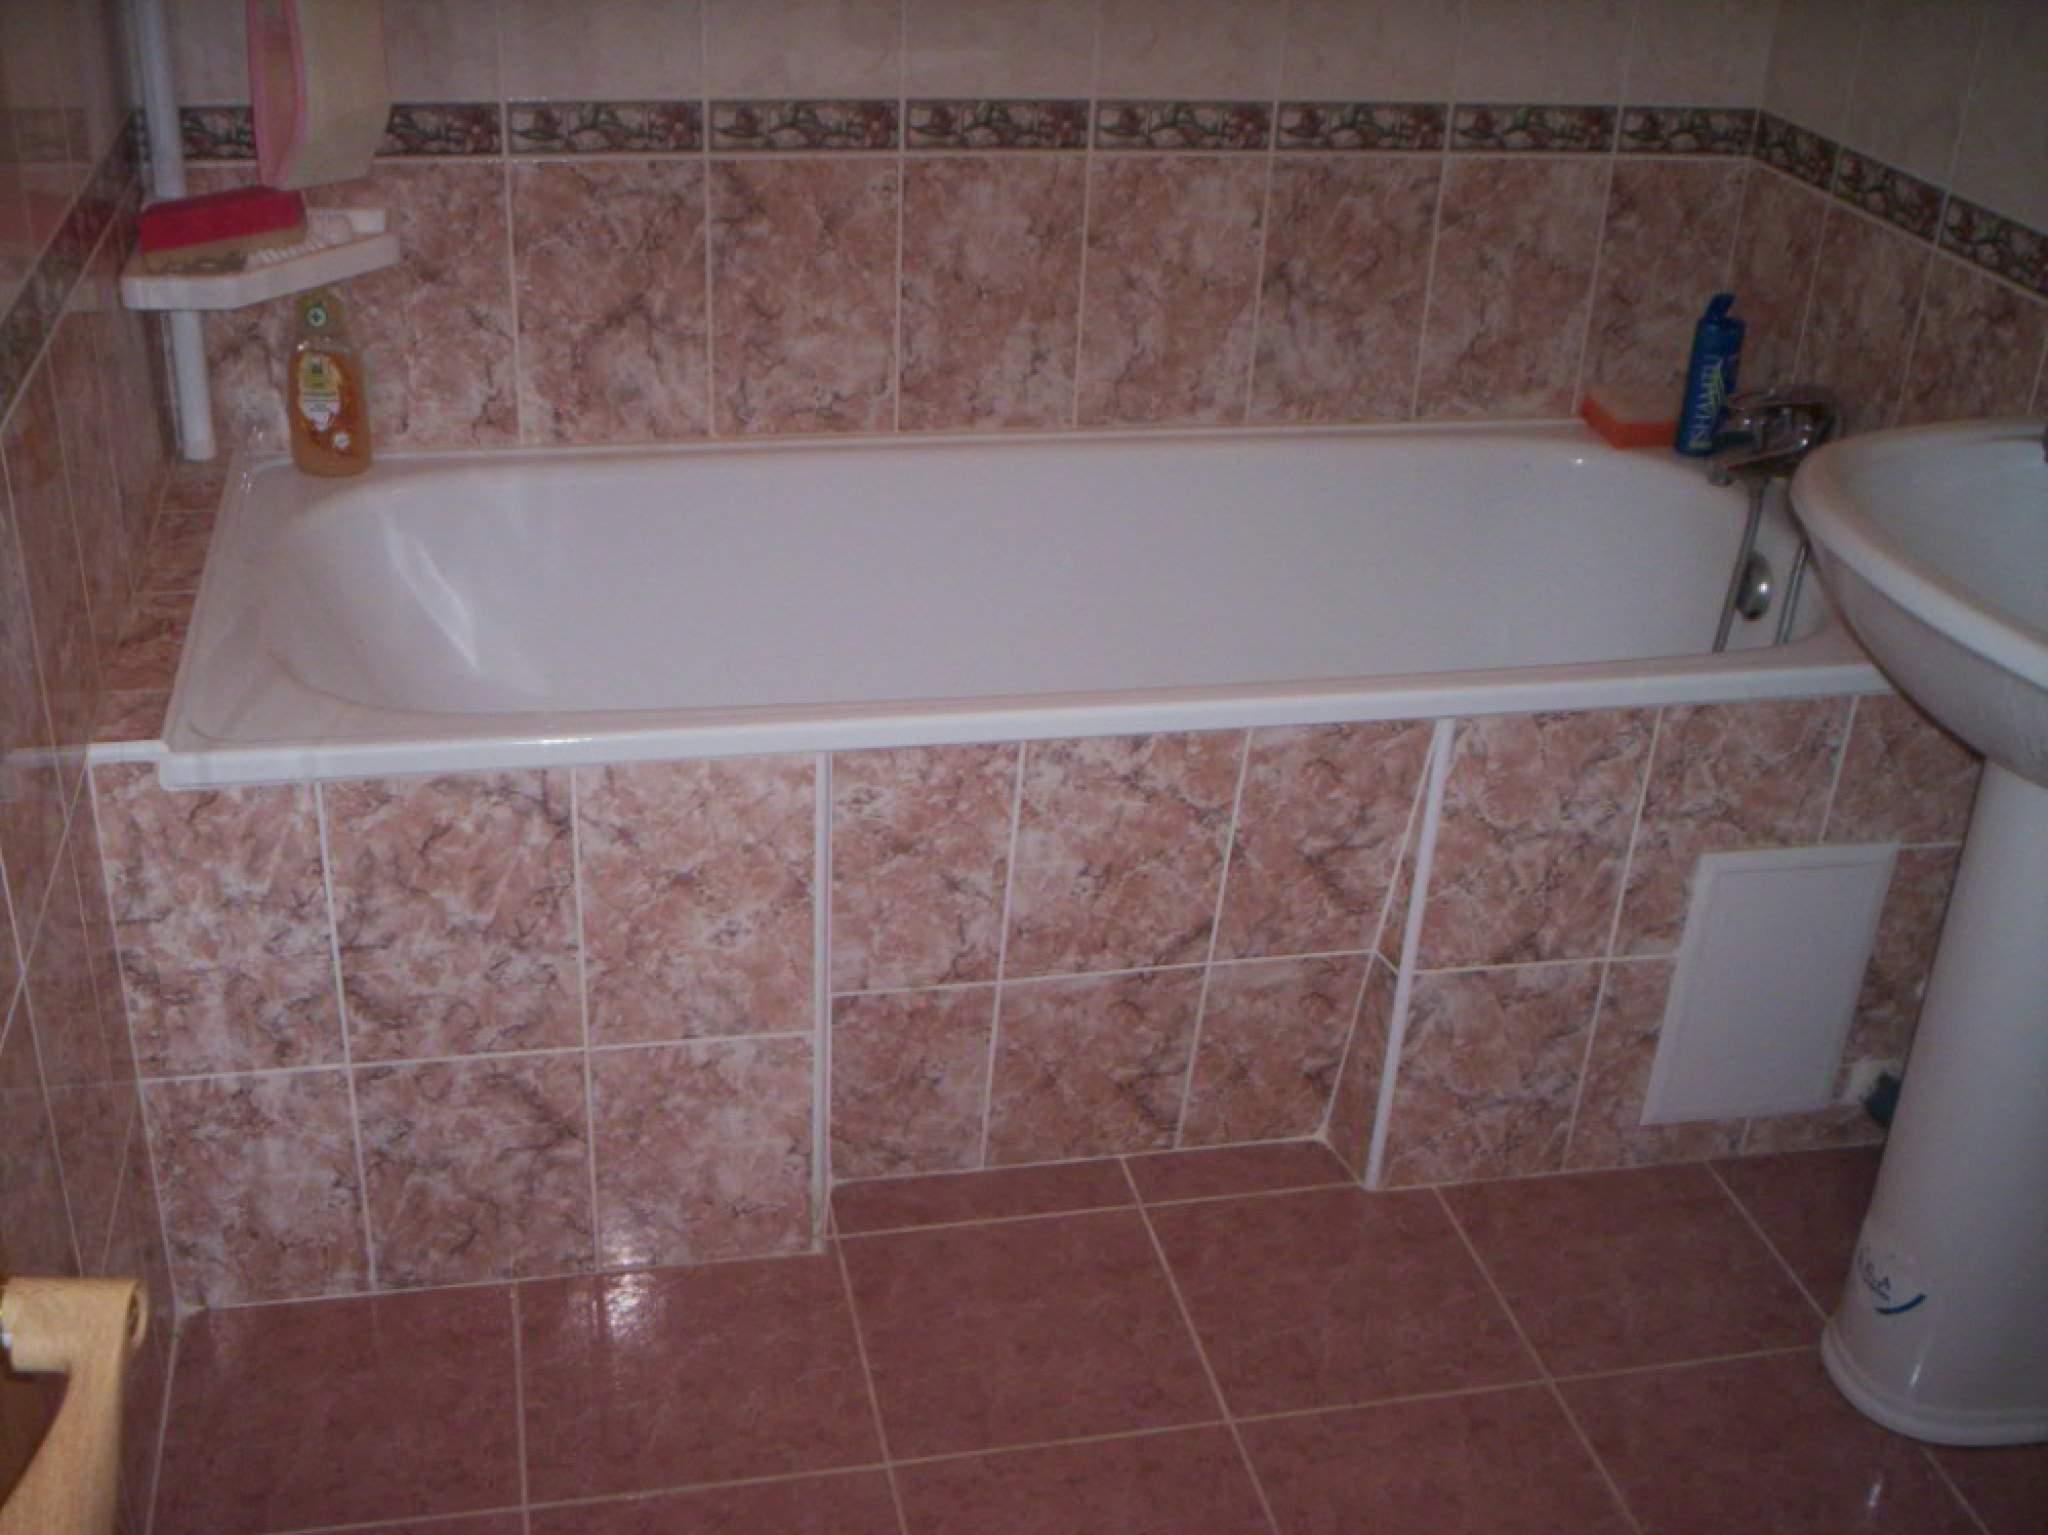 Кафельная плитка коричневого цвета с оригинальным принтом для оформления ванной комнаты